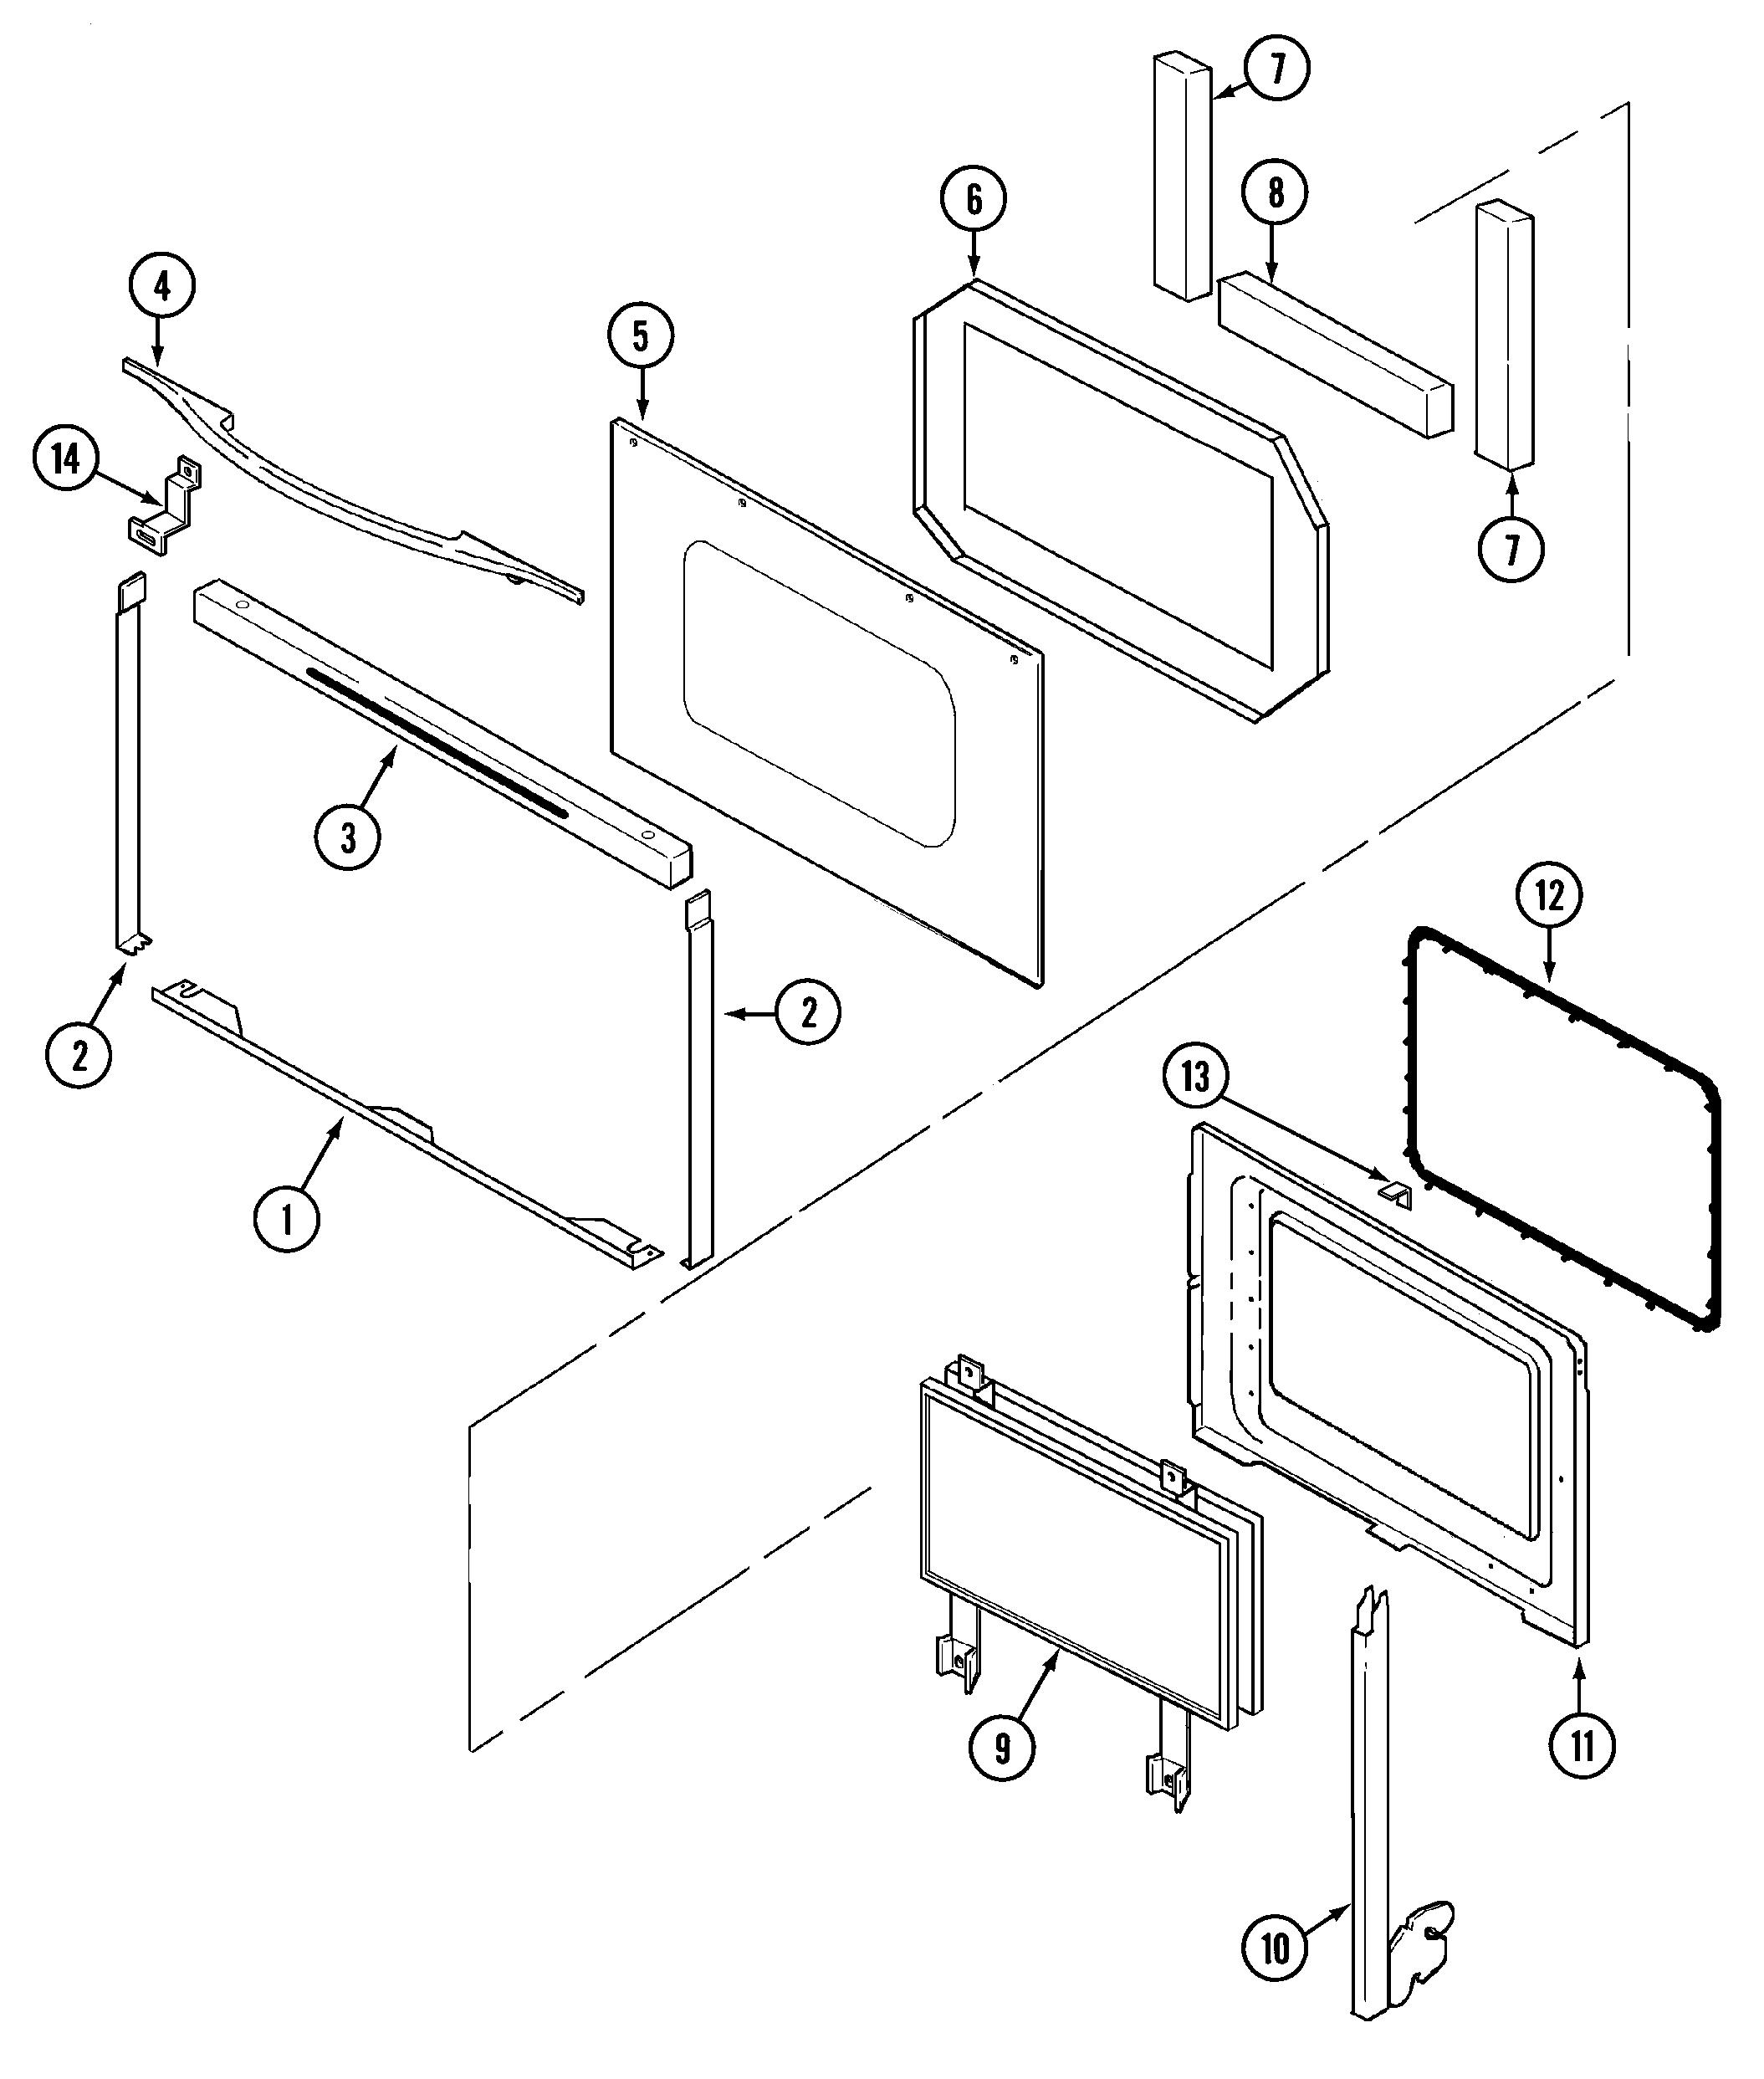 SVE47100W Electric Slide-In Range Door Parts diagram